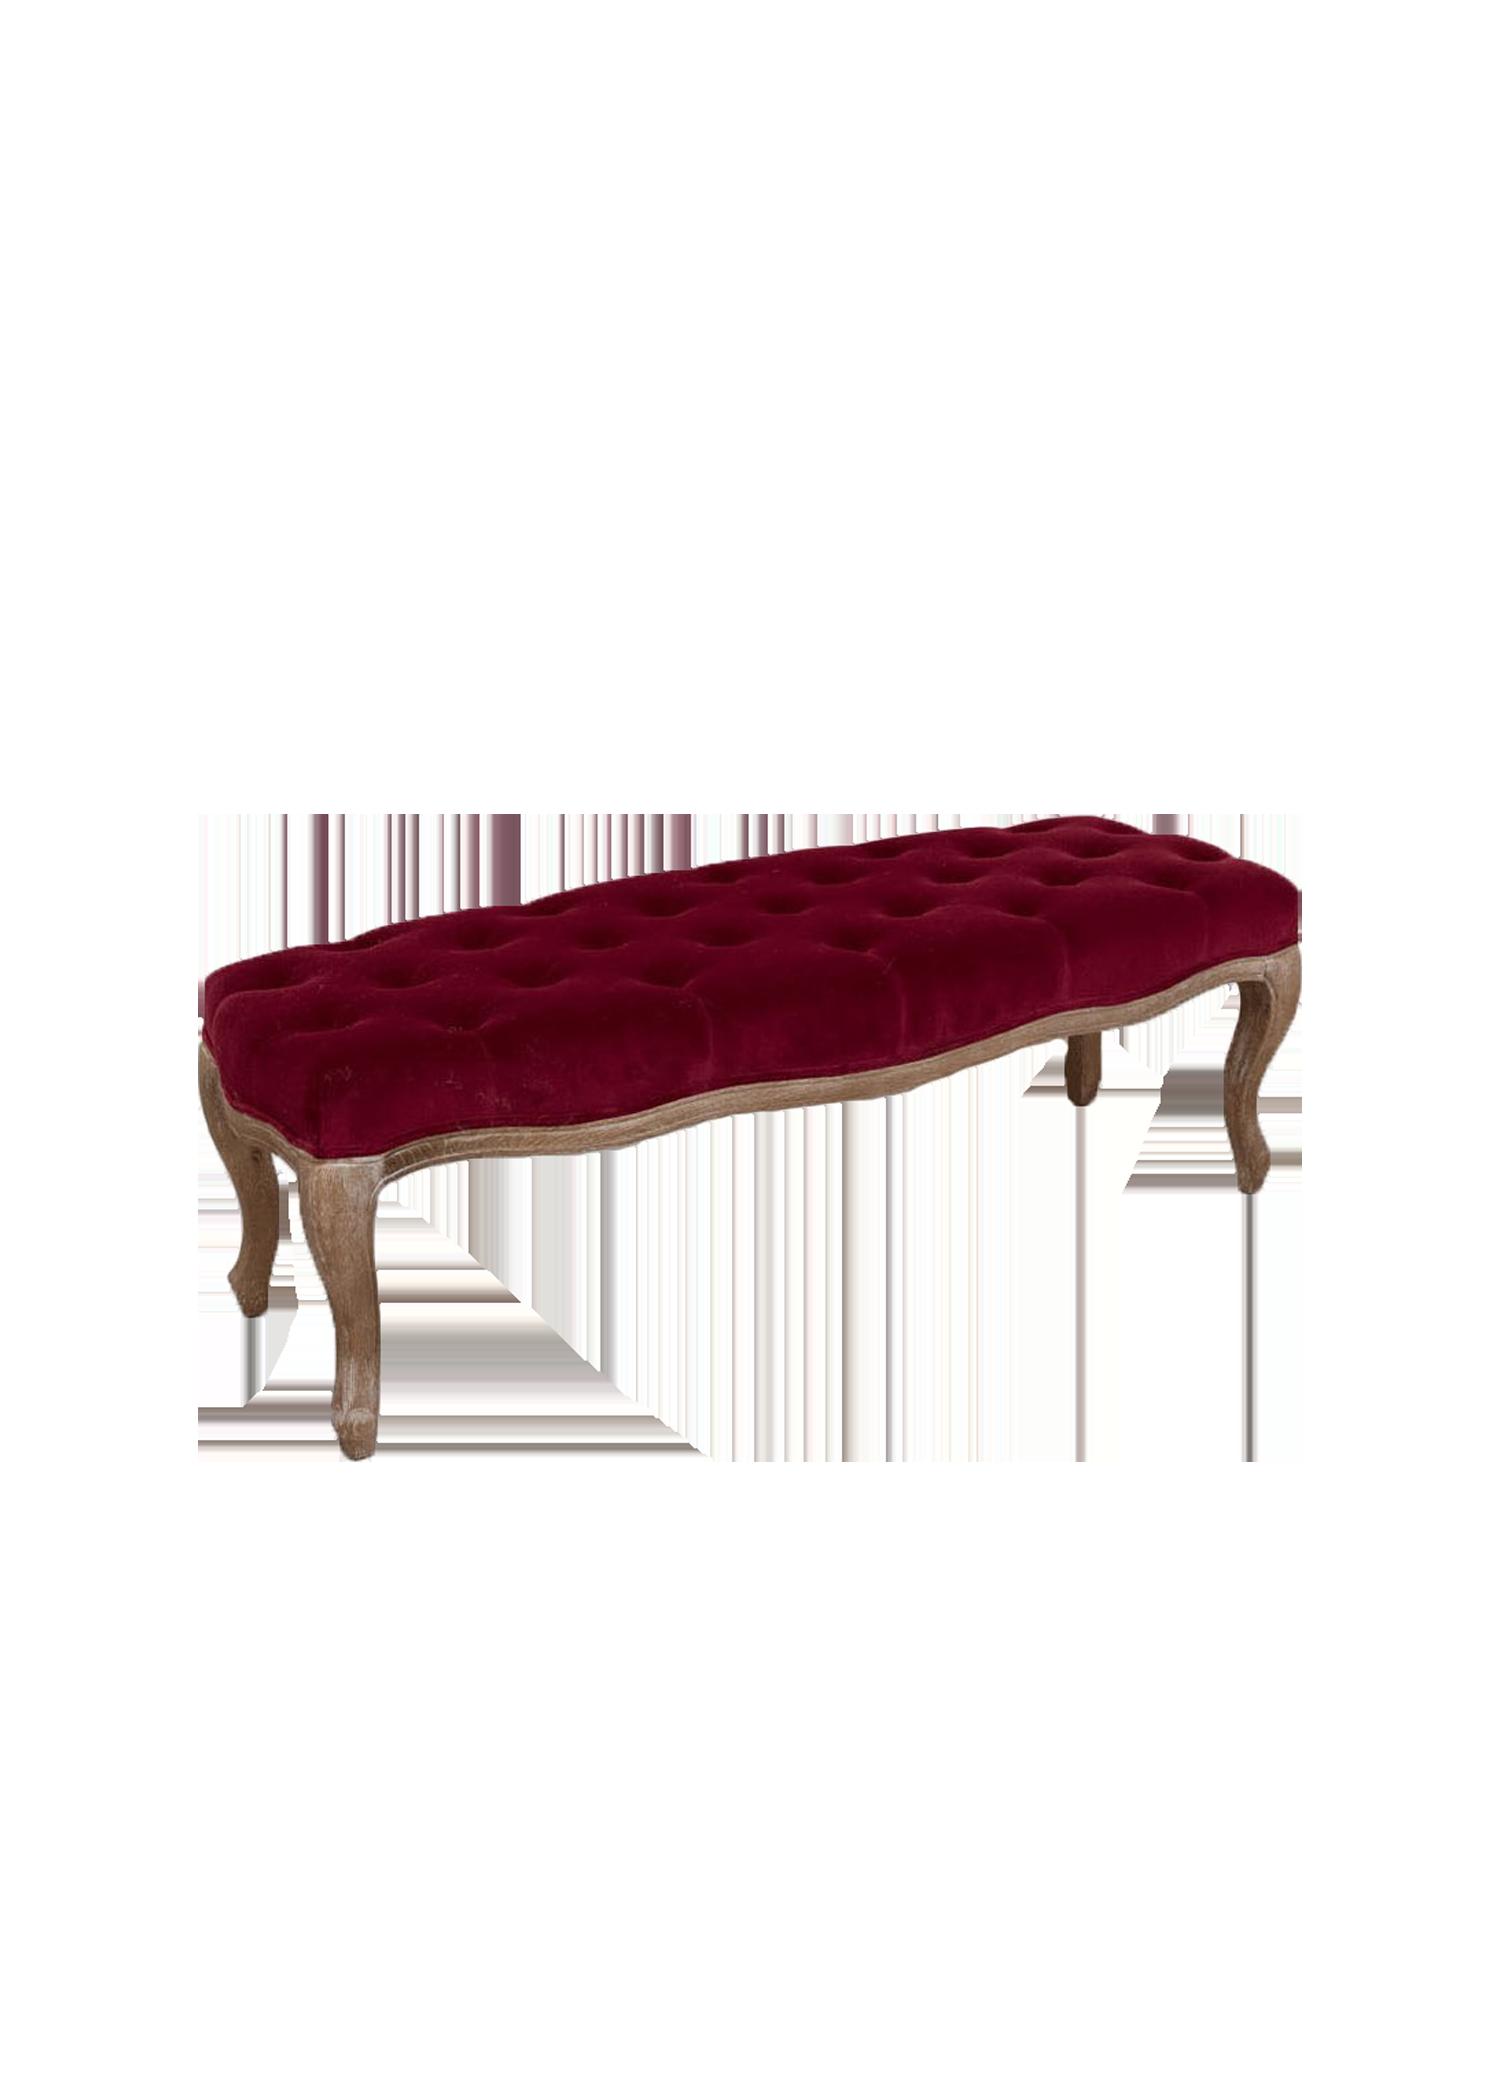 $75 Ruby Bench